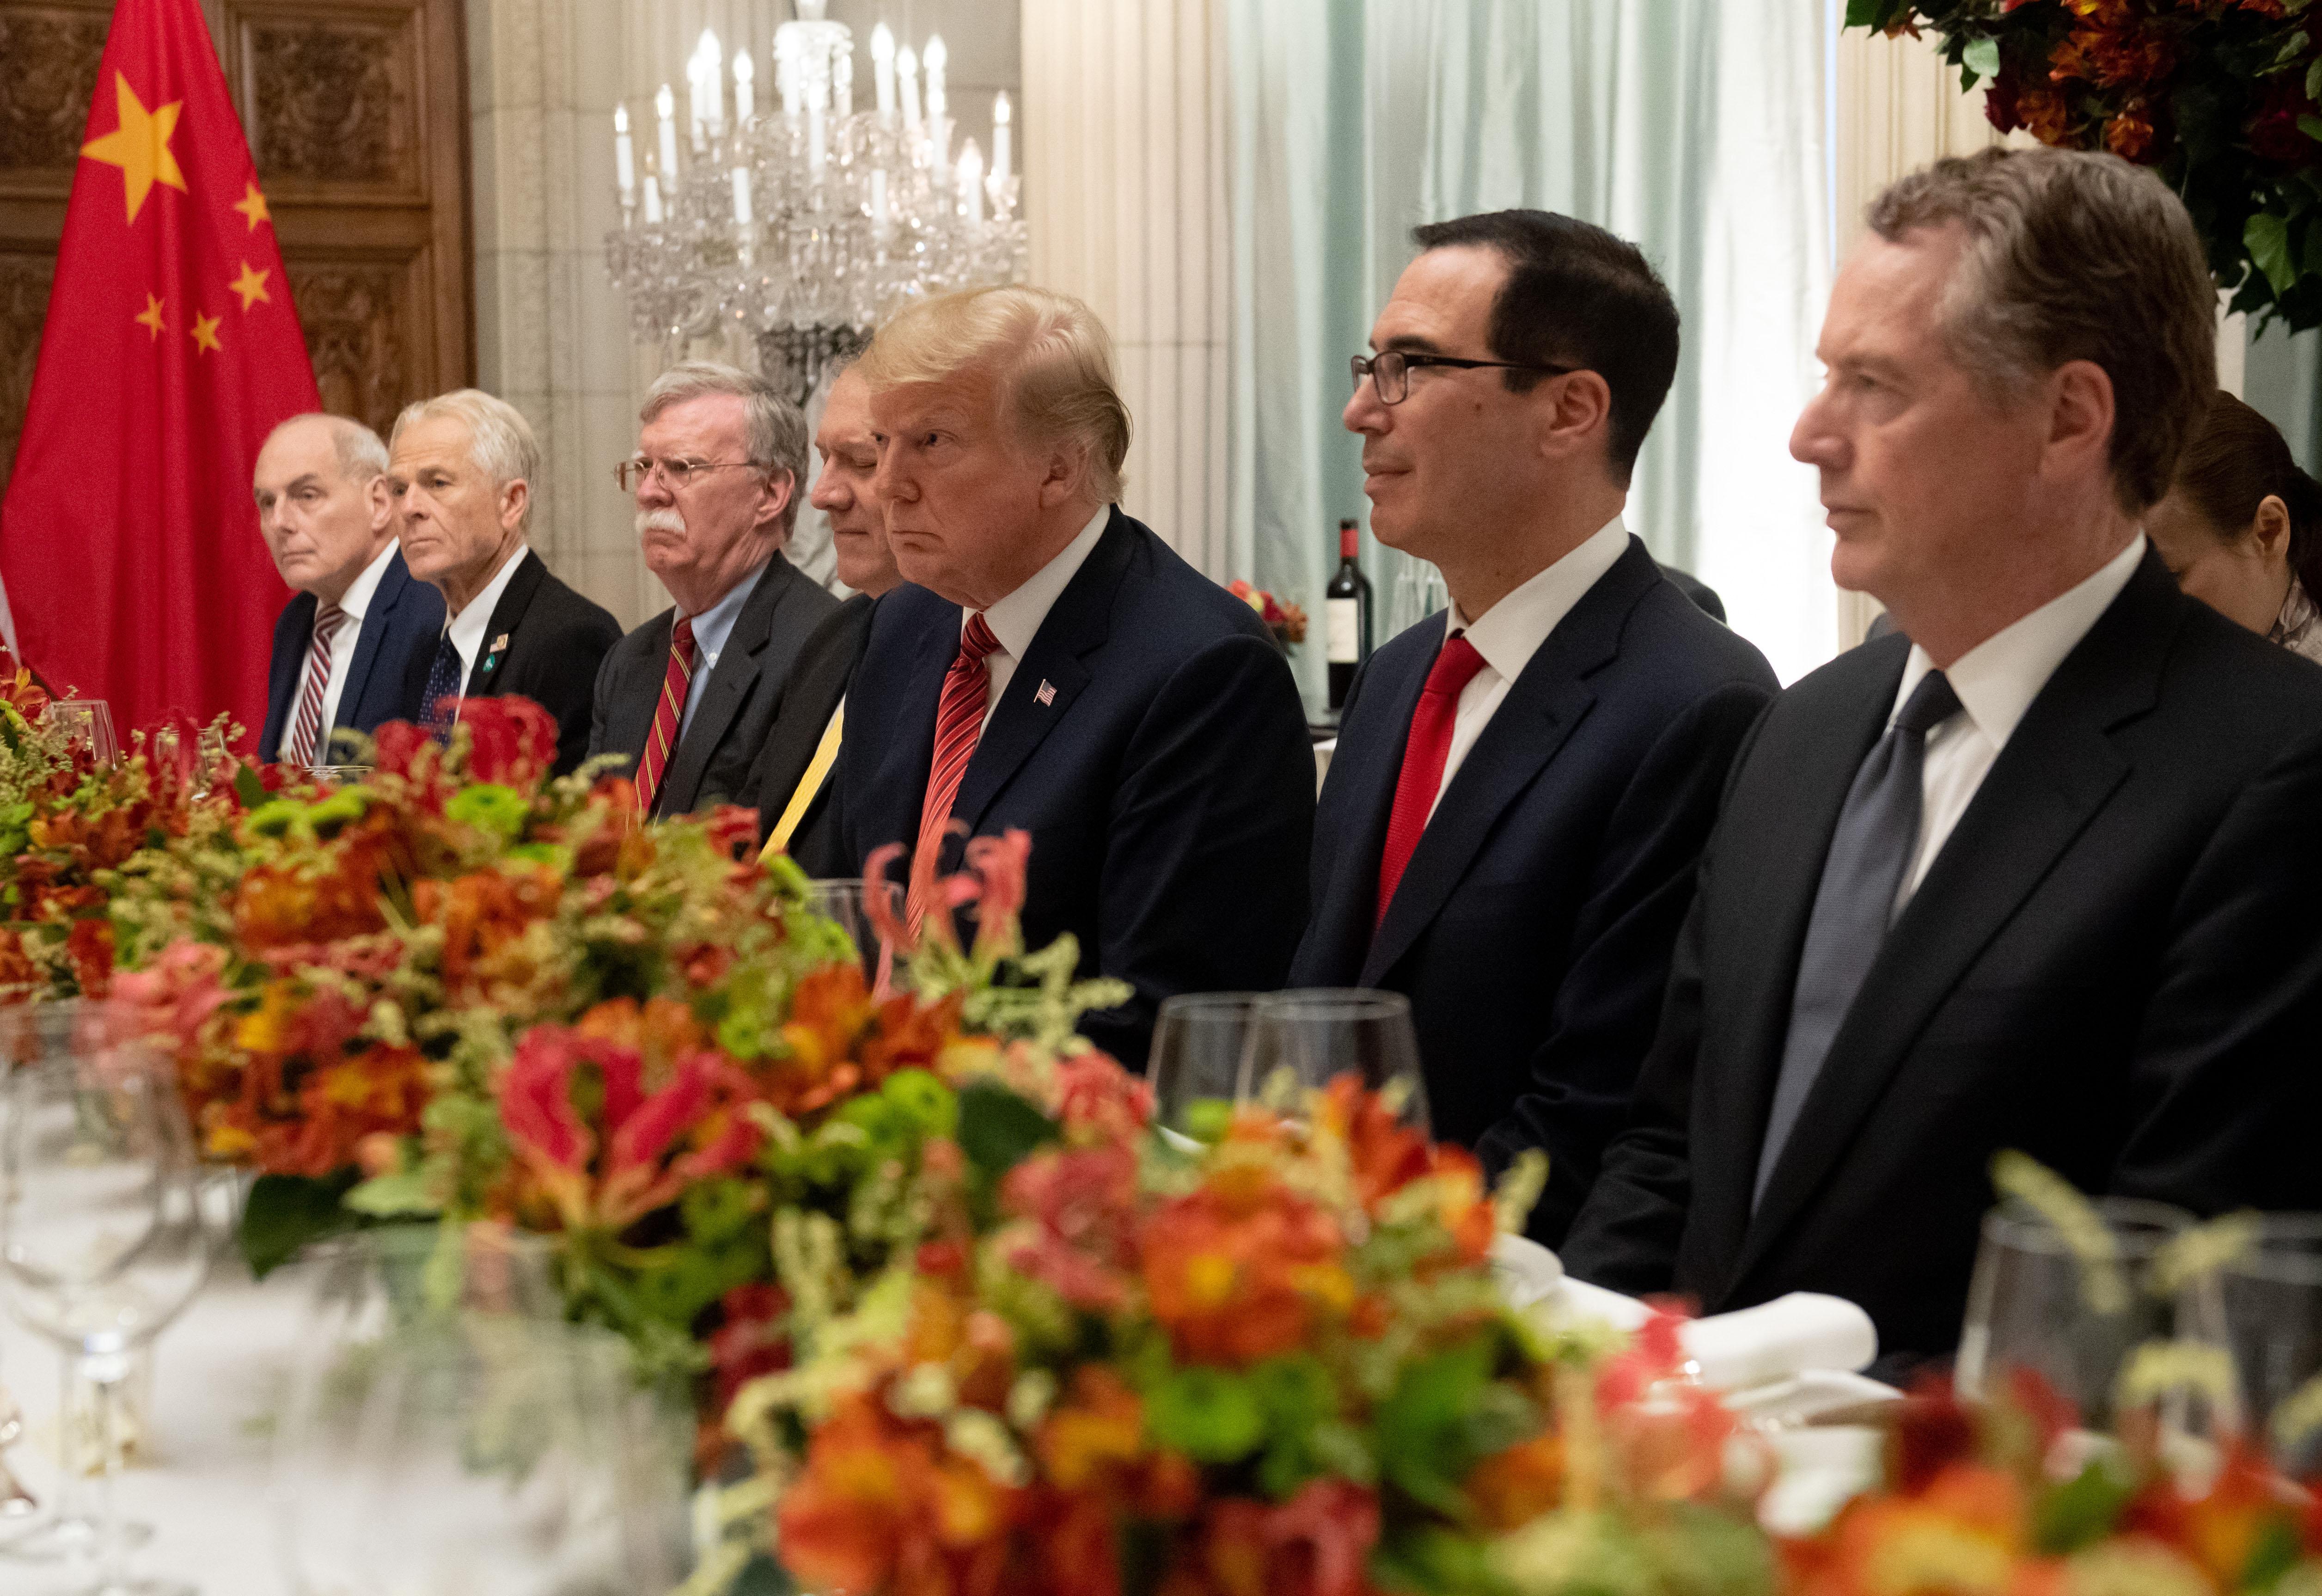 習特會達成暫時停火協議,專家分析,接下來中共面對更大的挑戰是,如何落實其結構改革的承諾。(SAUL LOEB/AFP/Getty Images)